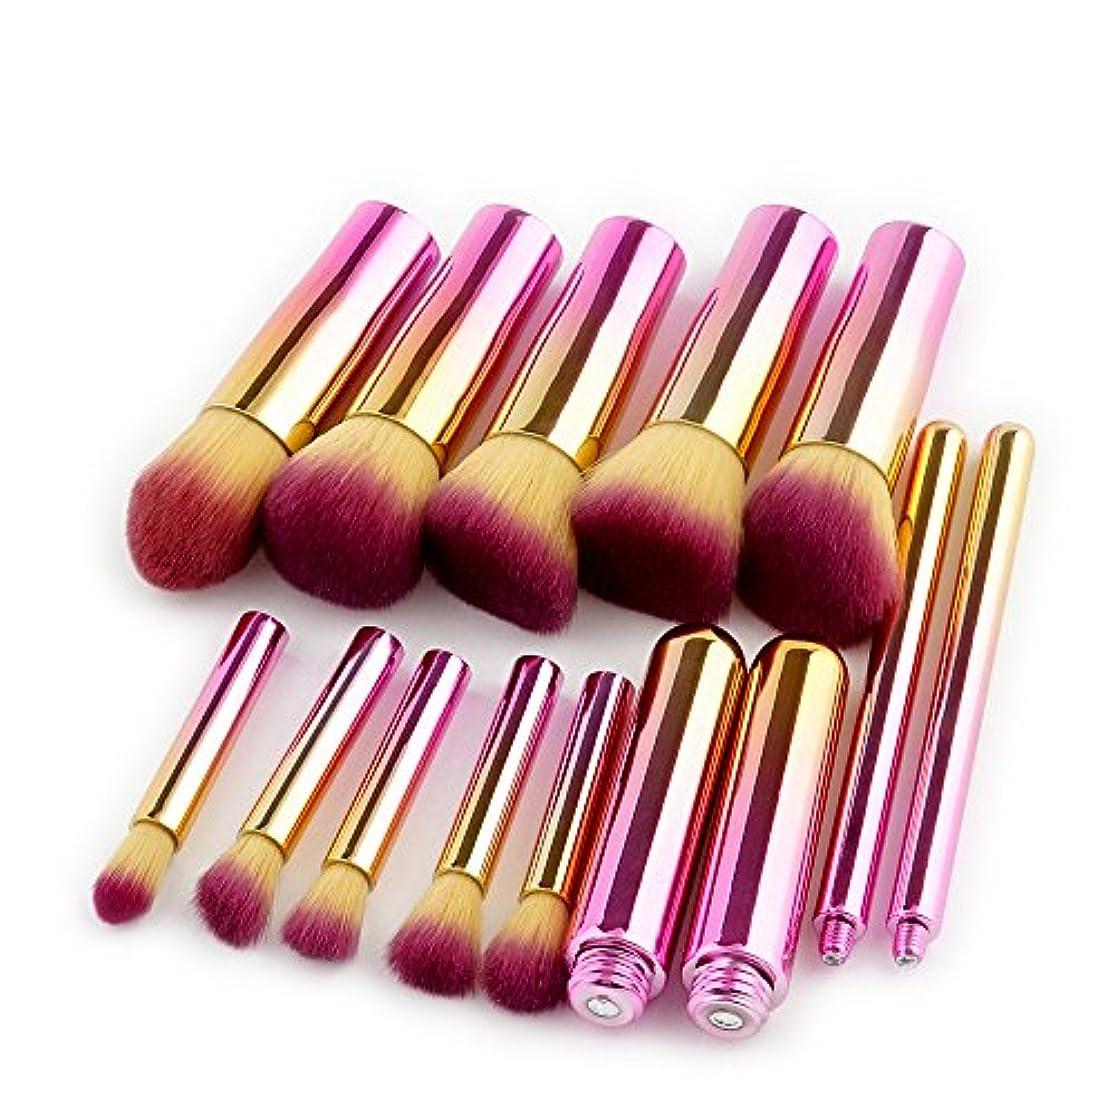 エミュレーションポール腰(プタス)Putars メイクブラシ メイクブラシセット 10本セット ピンク 化粧ブラシ ふわふわ お肌に優しい 毛量たっぷり メイク道具 プレゼント